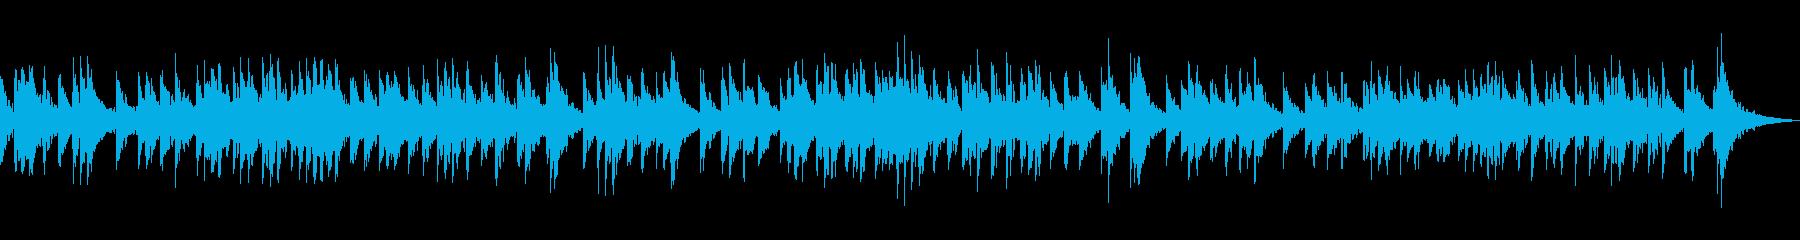 和風、幻想、メロディーのみのシンプル曲の再生済みの波形